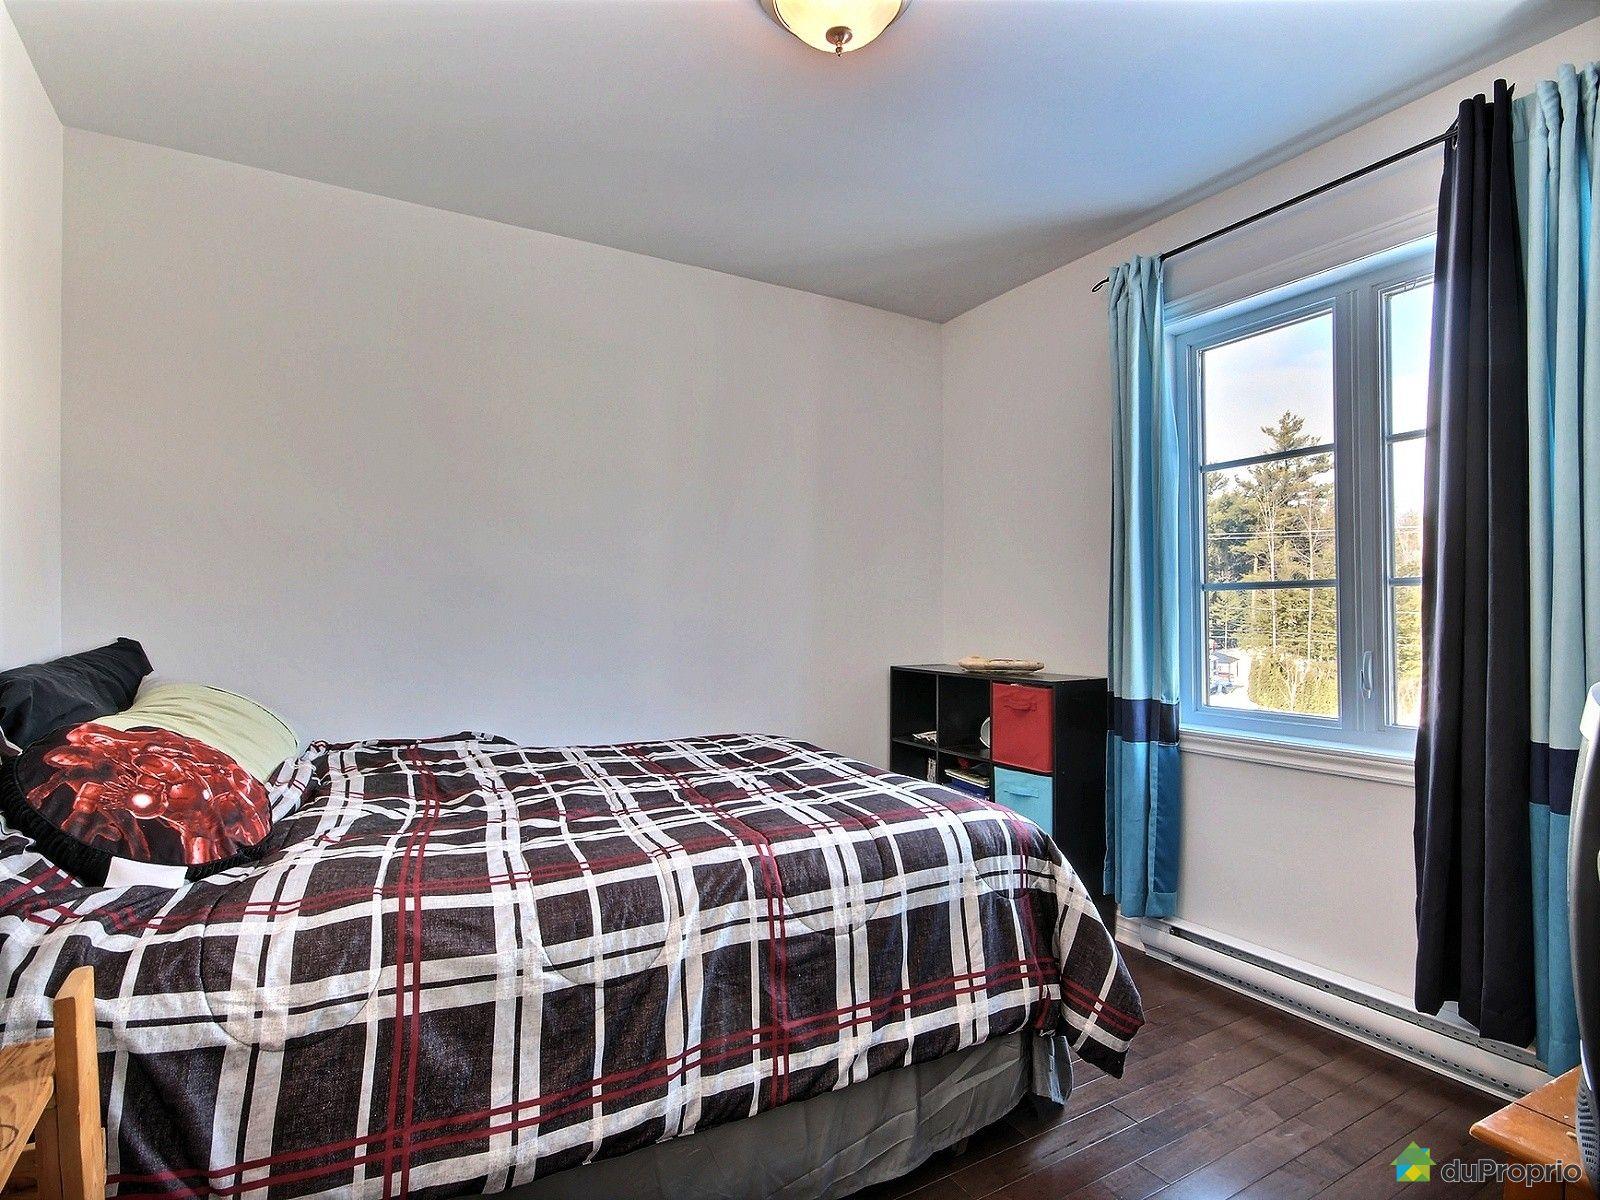 Maison vendre mirabel en haut 11625 rue de l 39 agate for Chambre de commerce mirabel